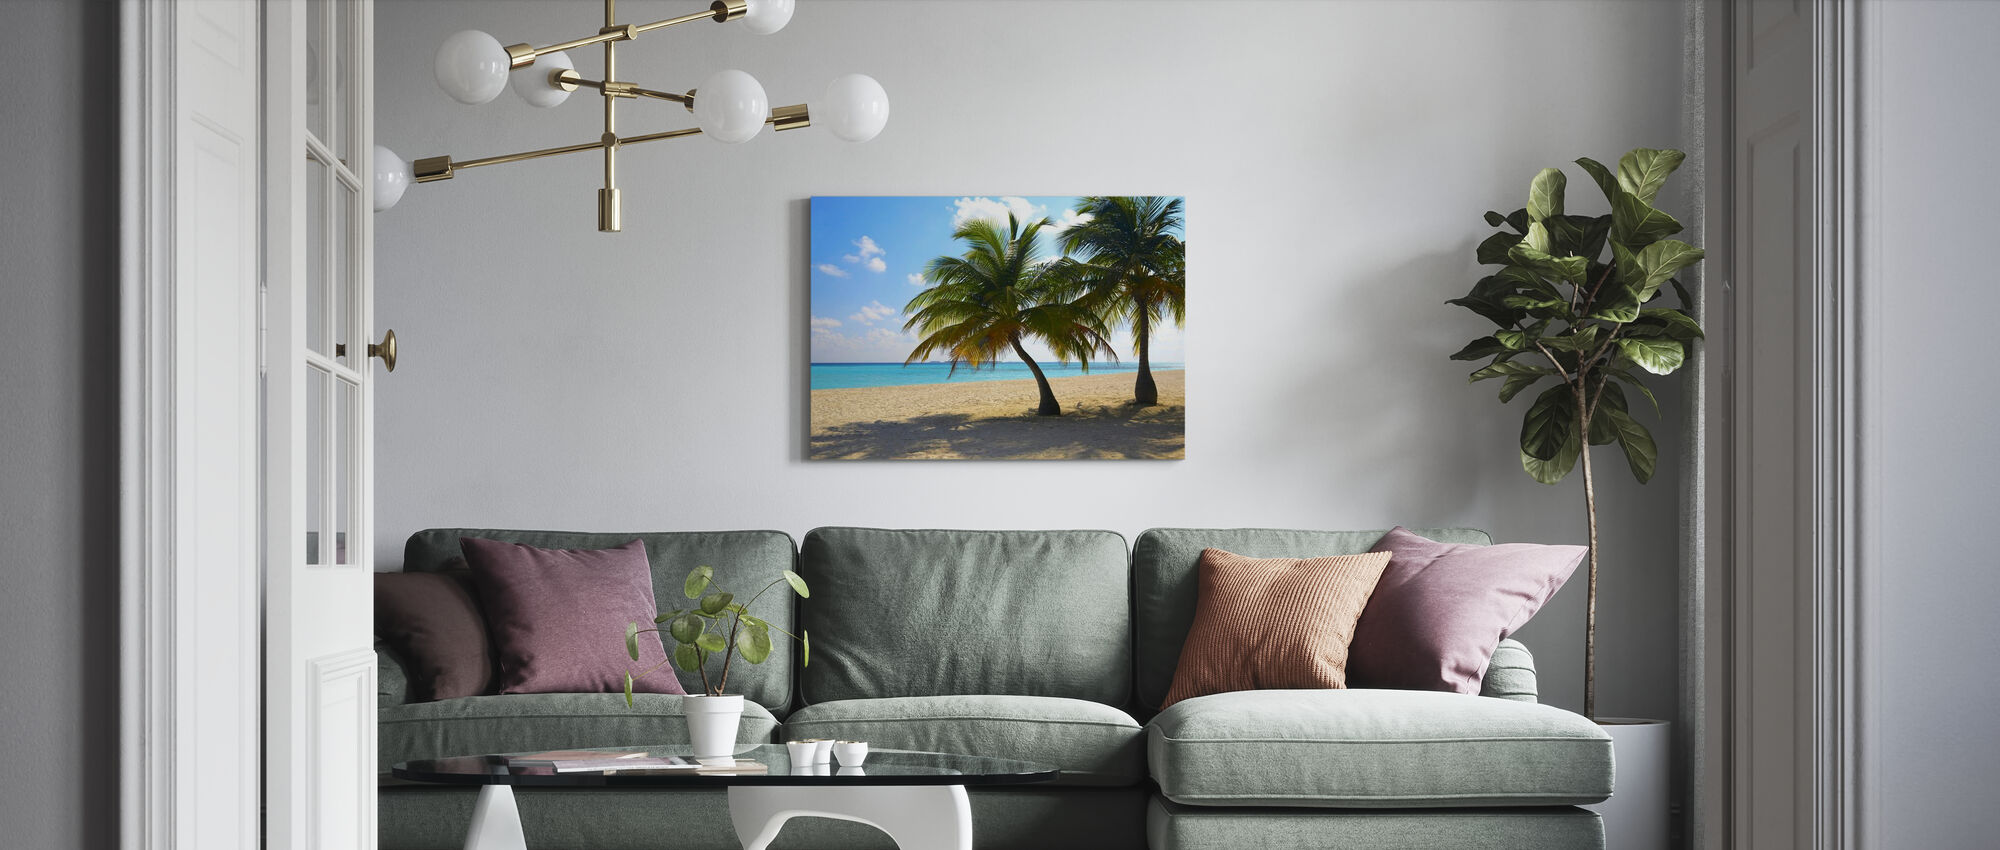 Maldives - Leinwandbild - Wohnzimmer